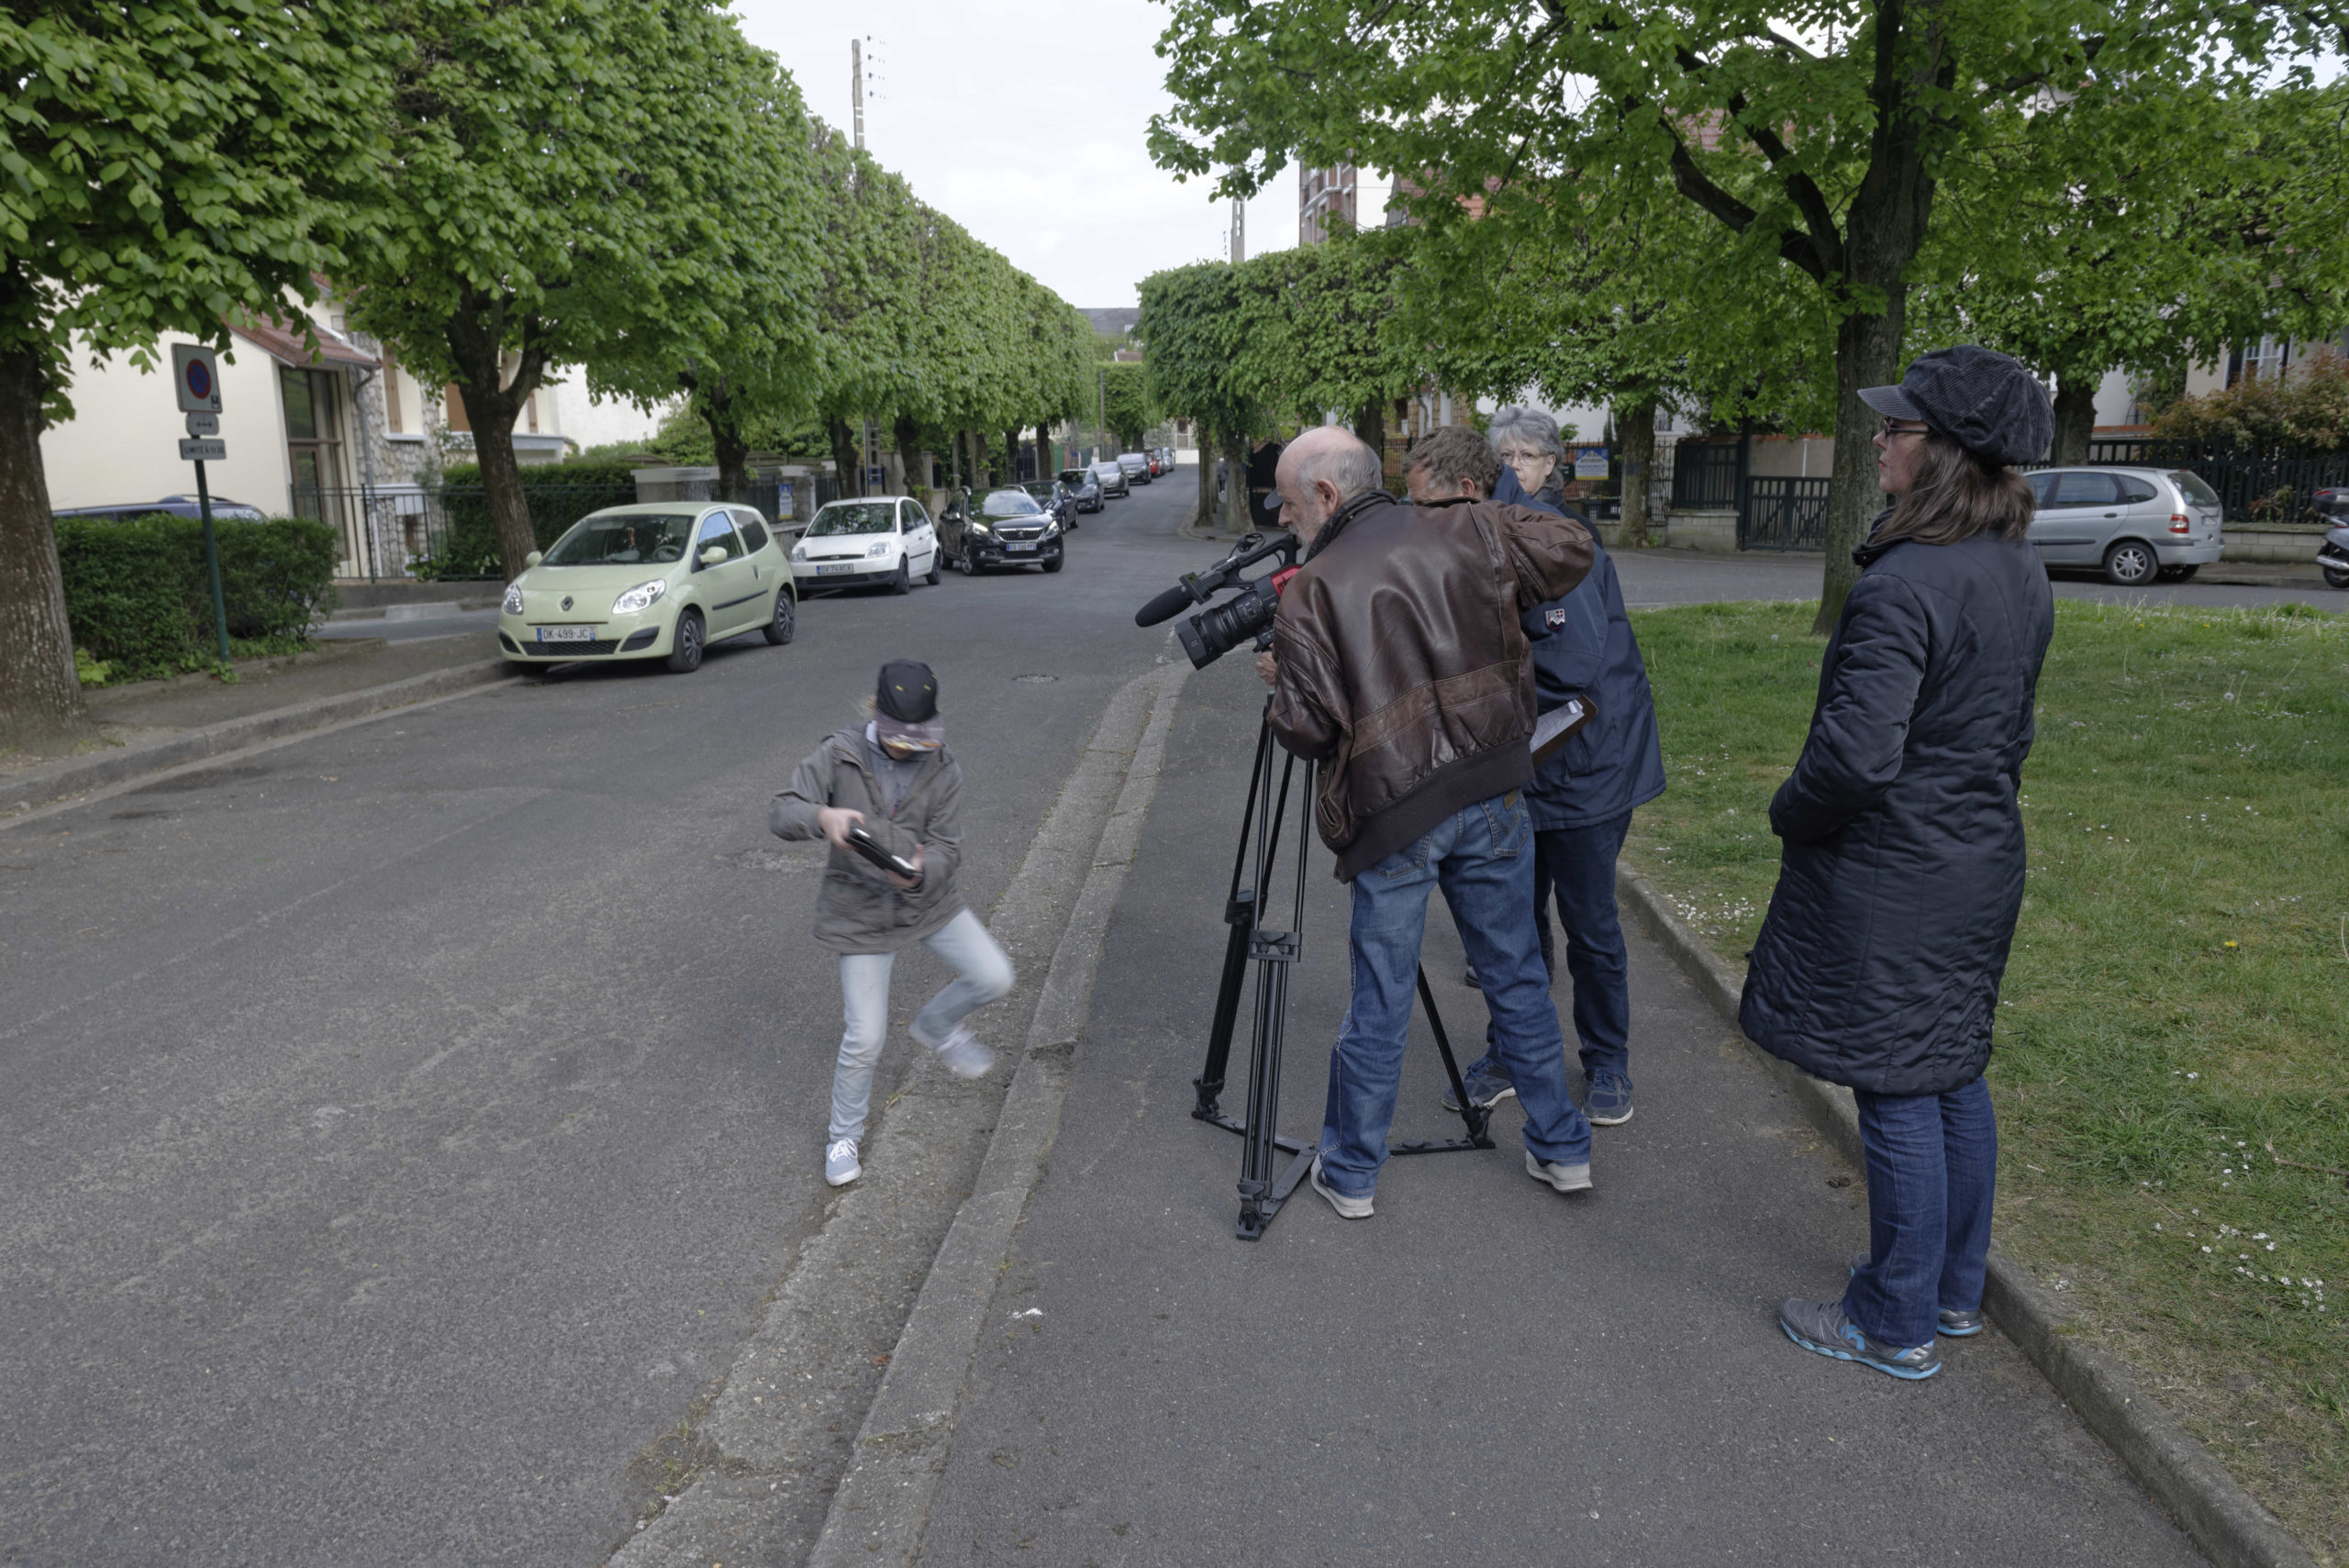 Pere et impair photos tournage 25